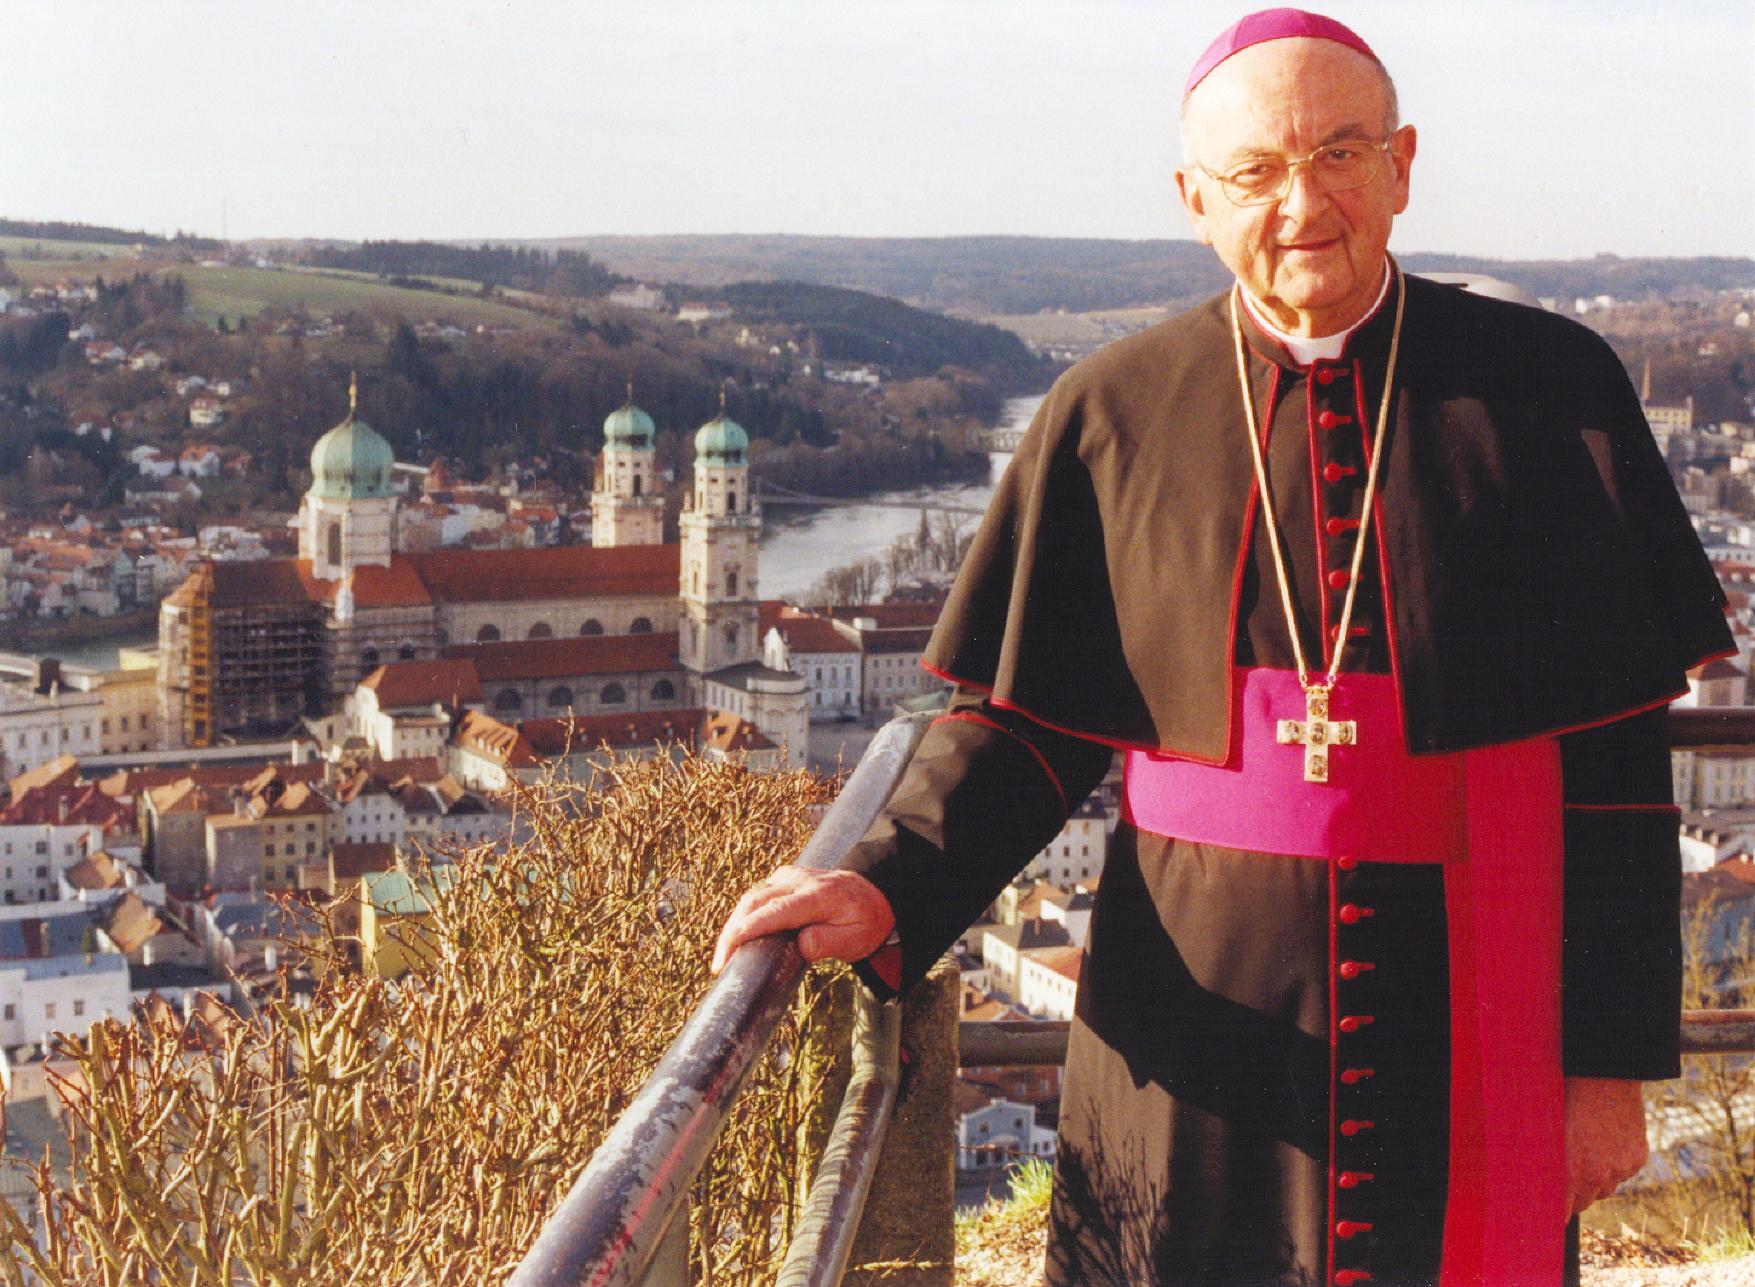 Bischof_Schraml_Foto-Friedenberger